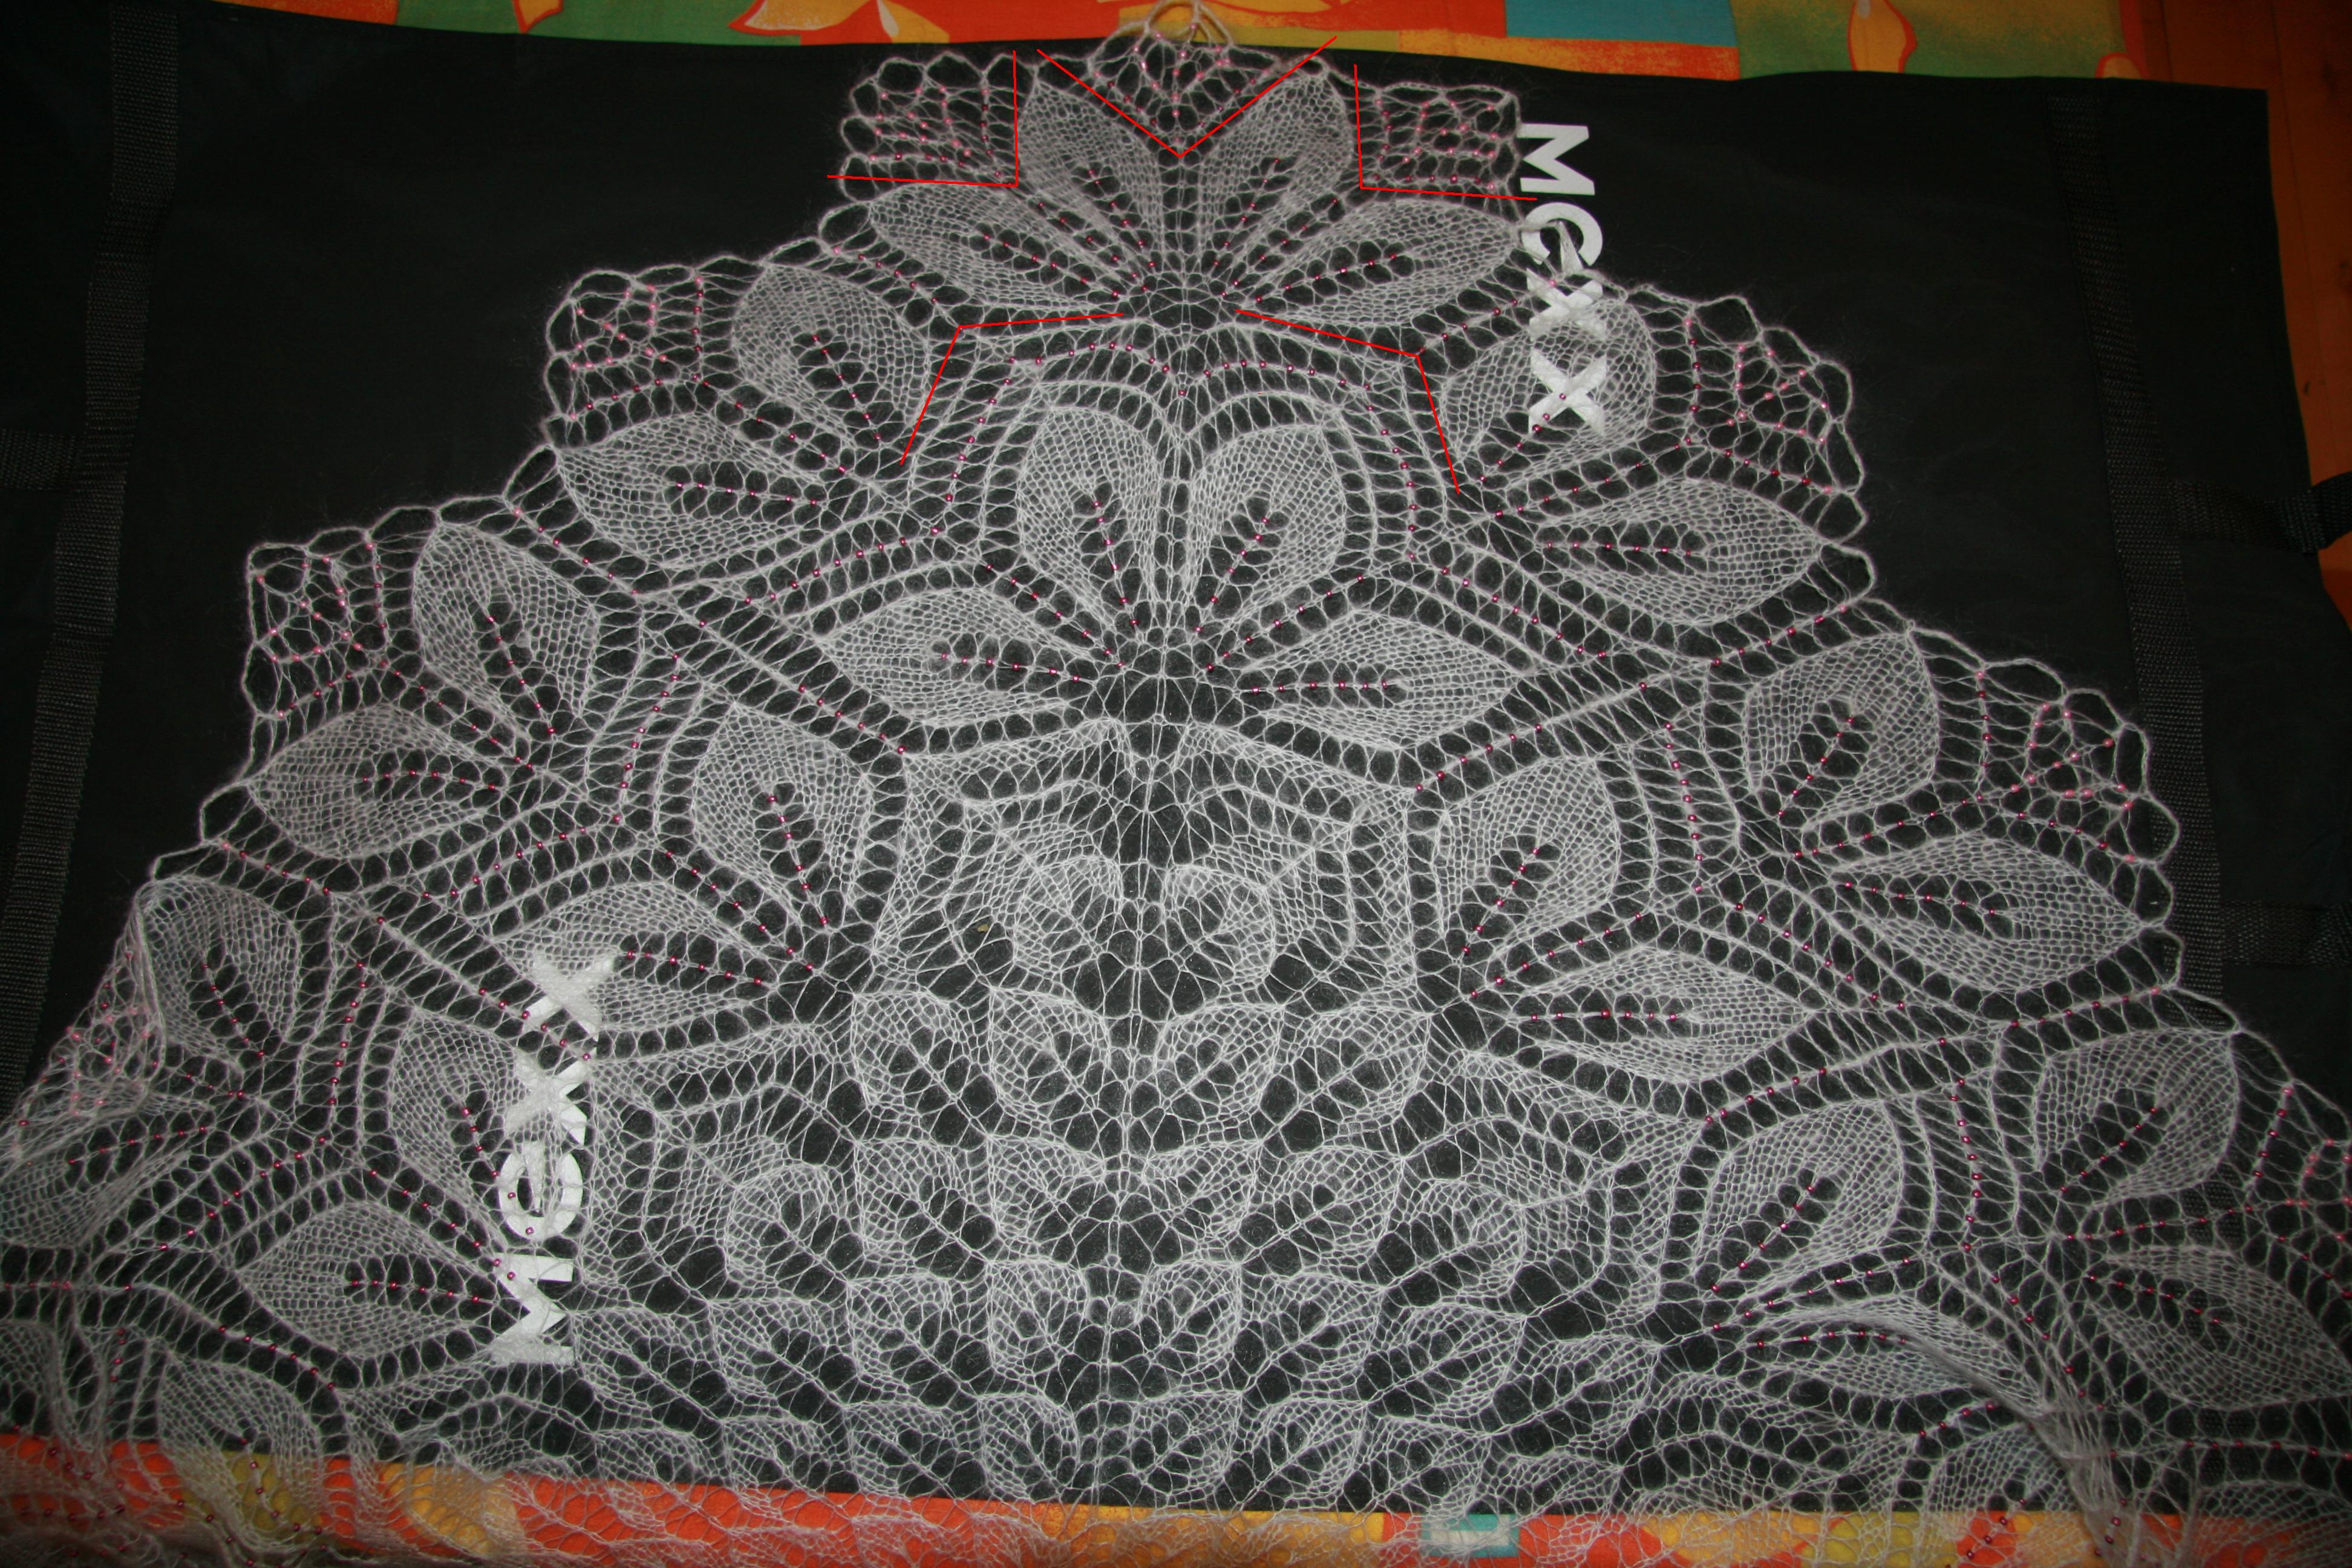 вязание спмцами шаль схема